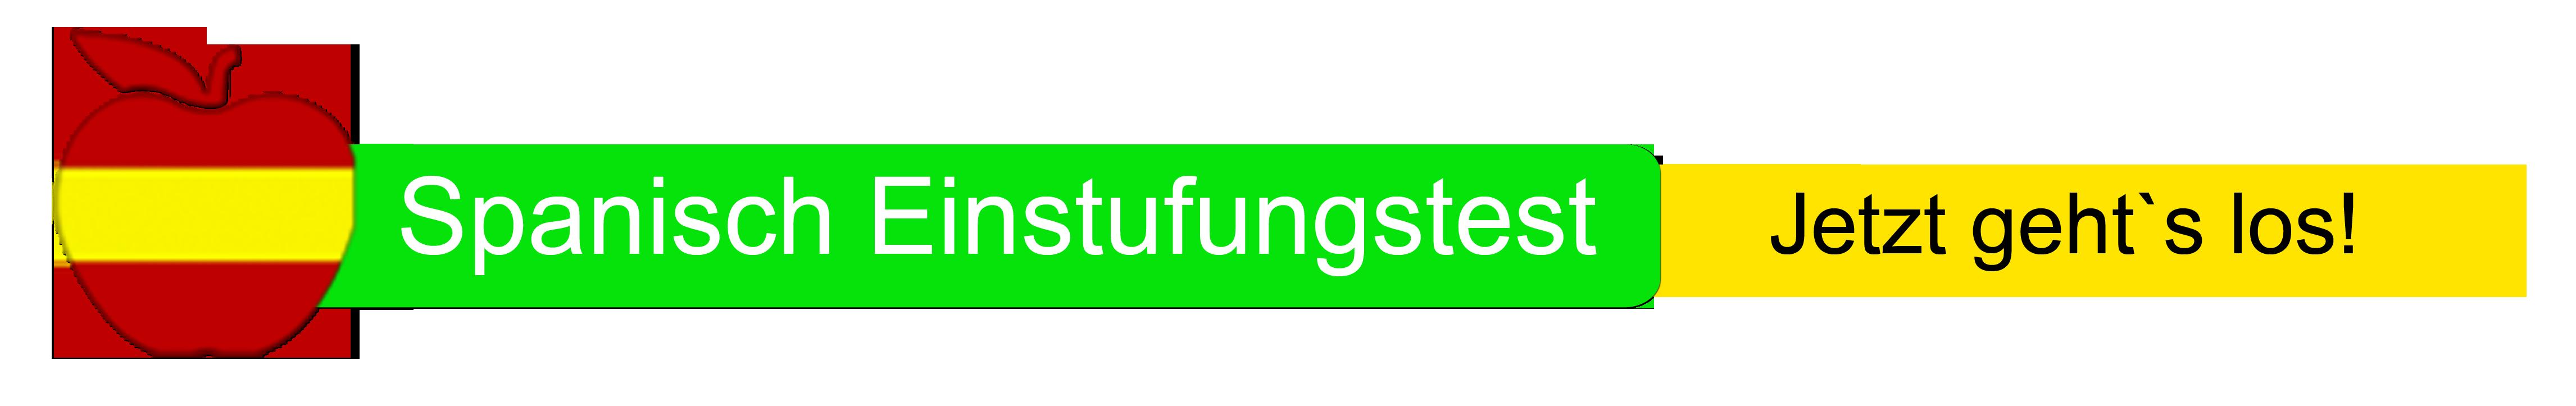 Spanisch-Einstufungstest-Freising